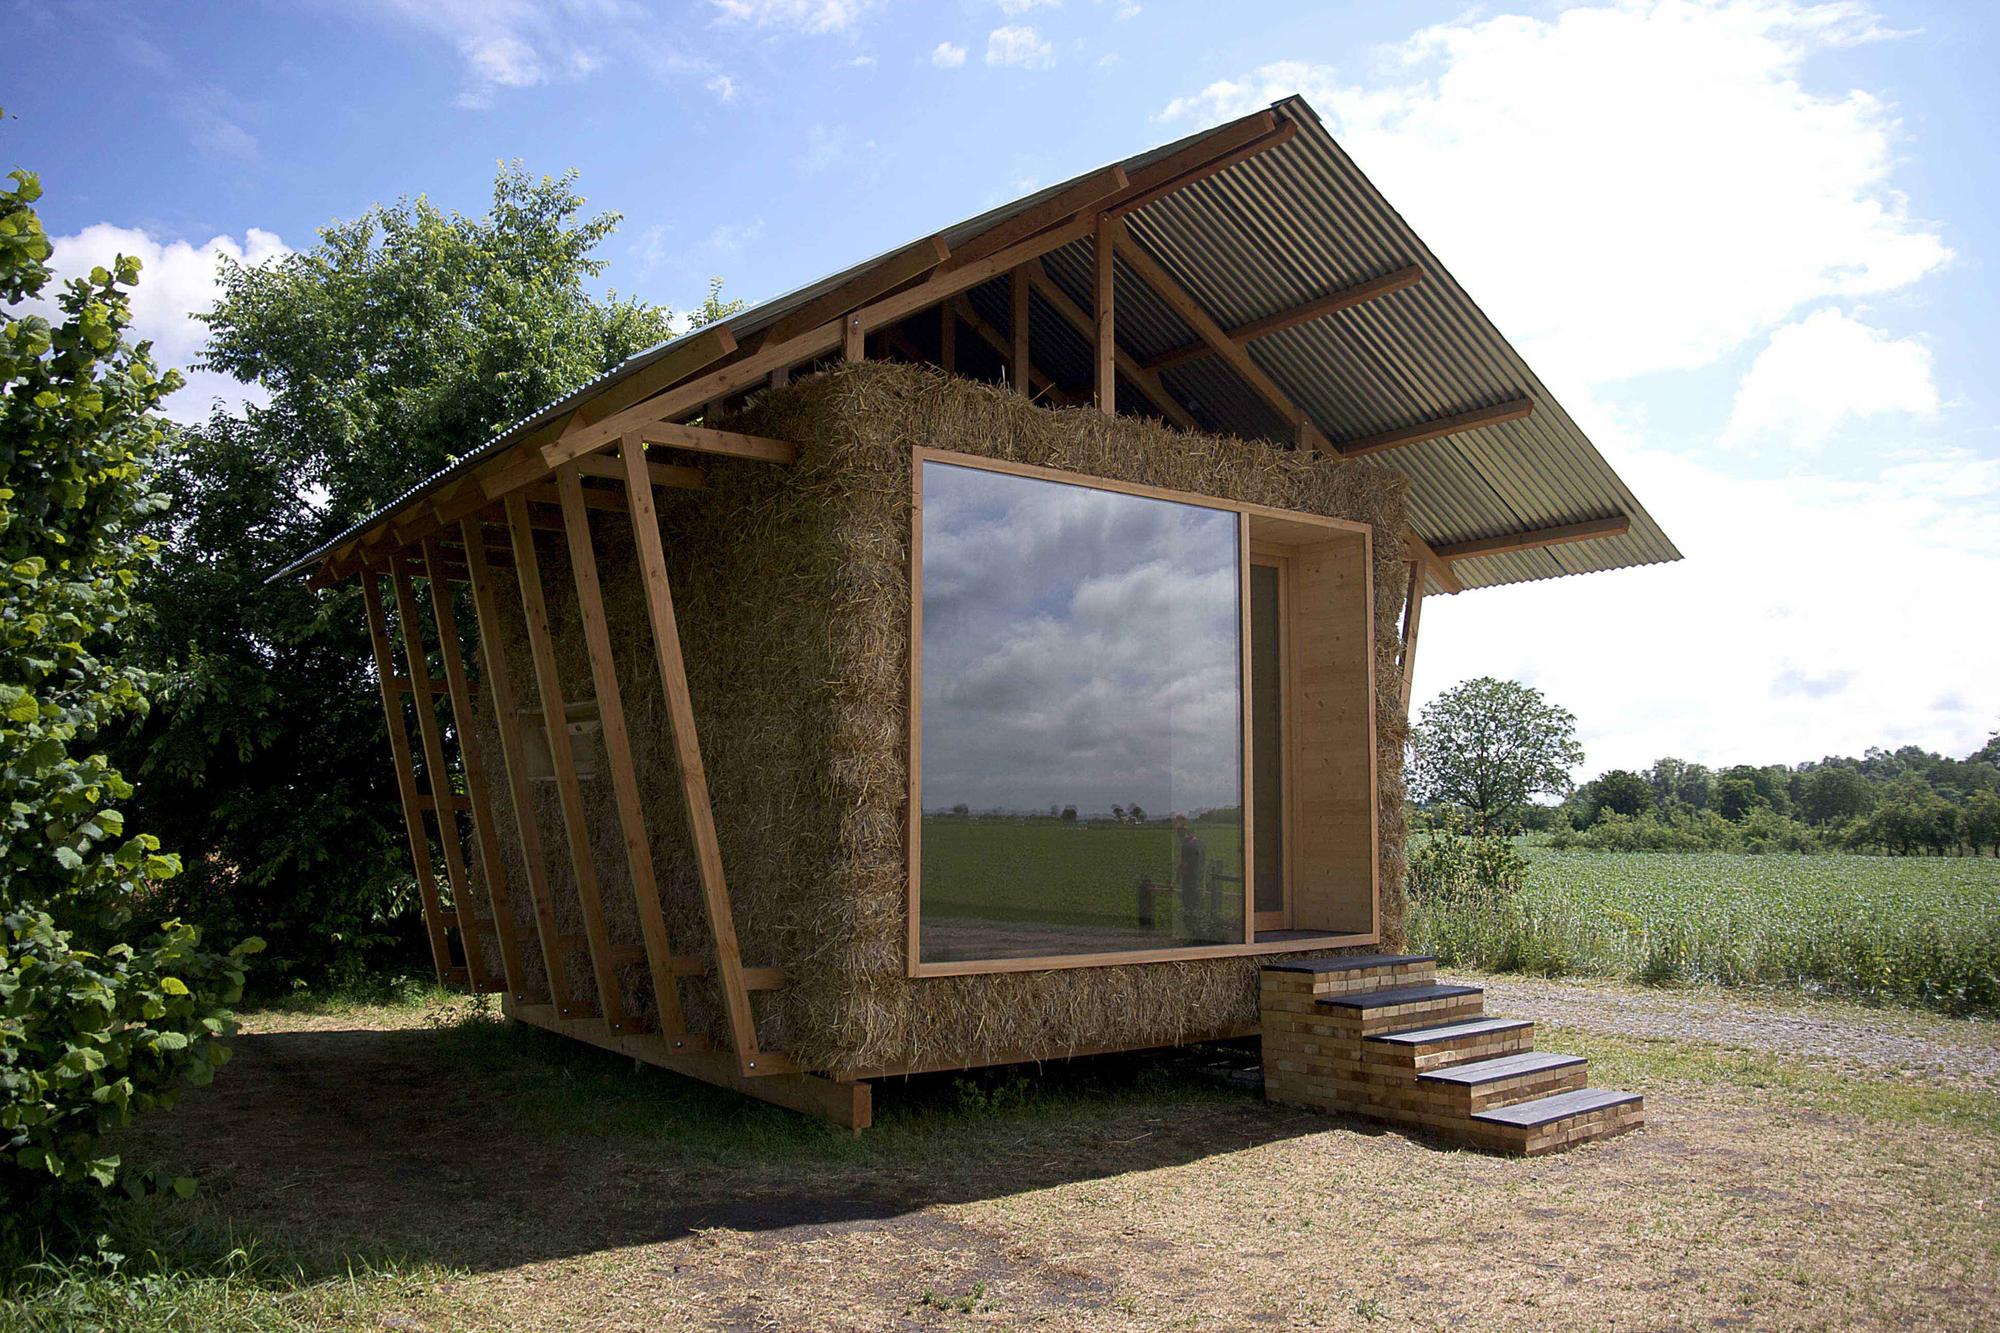 ecologic pavilion